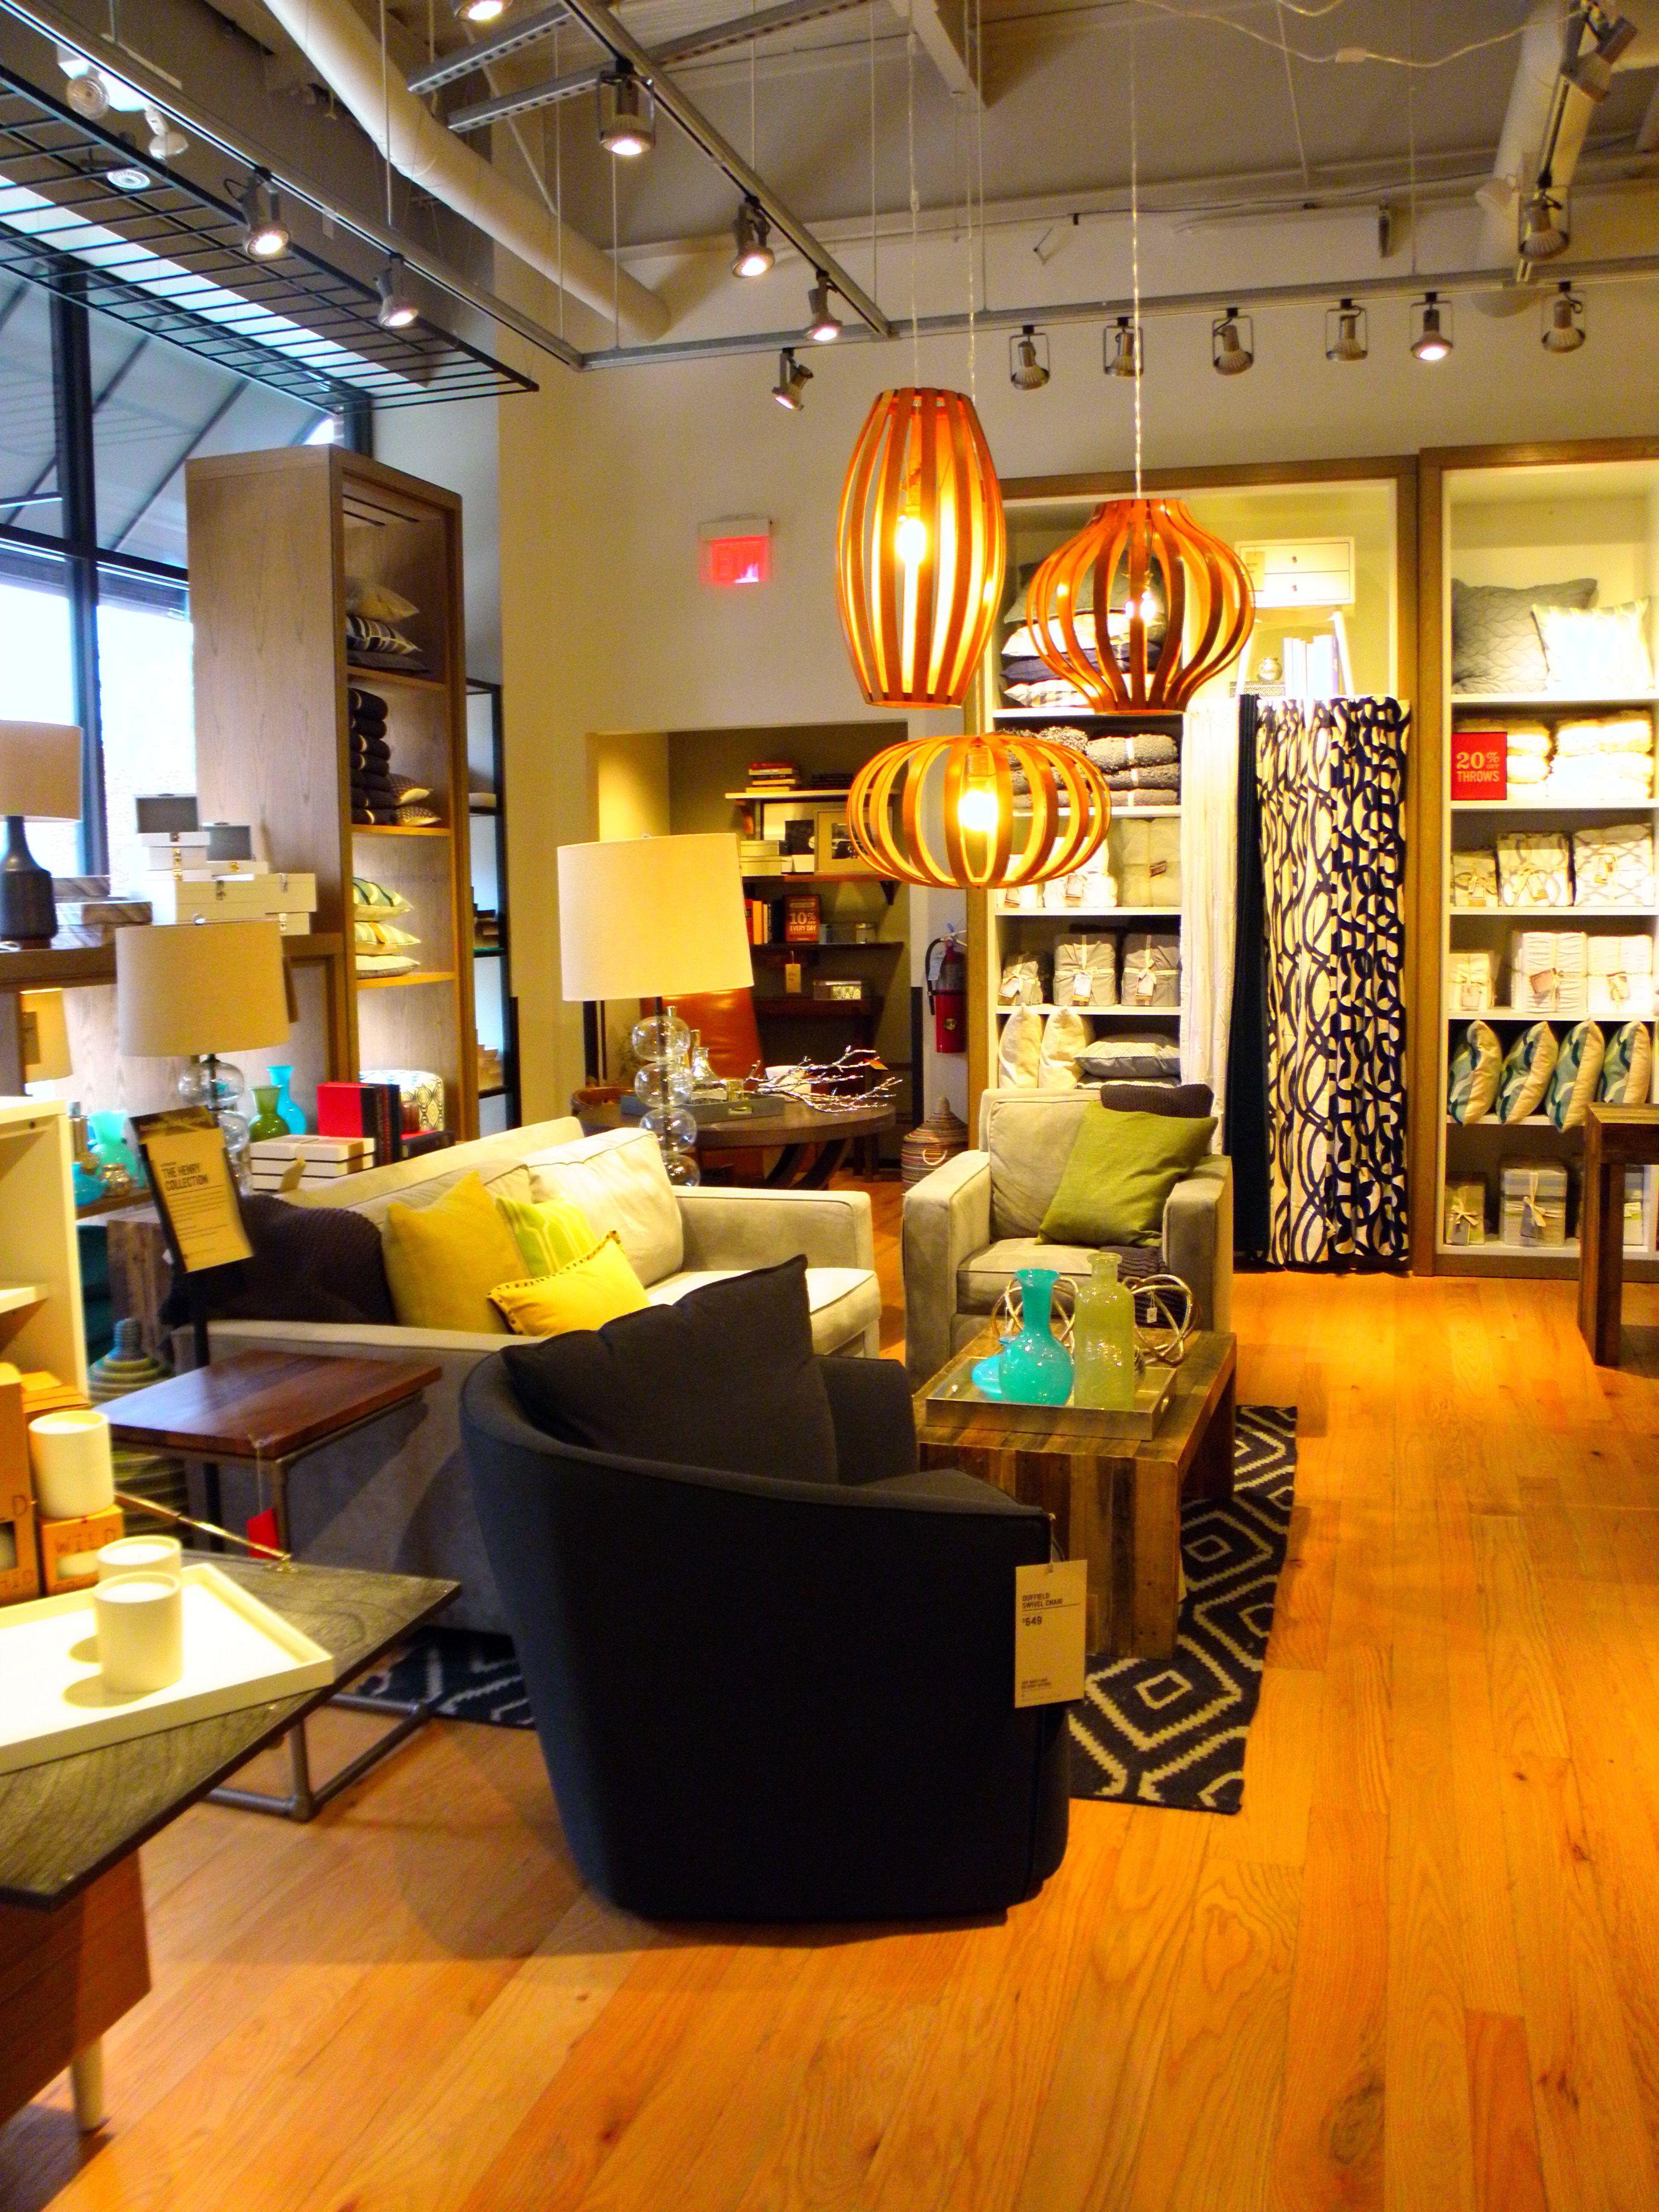 west elm interior design service online www rh pinterest co uk West Elm Living Room Design west elm interior designer discount